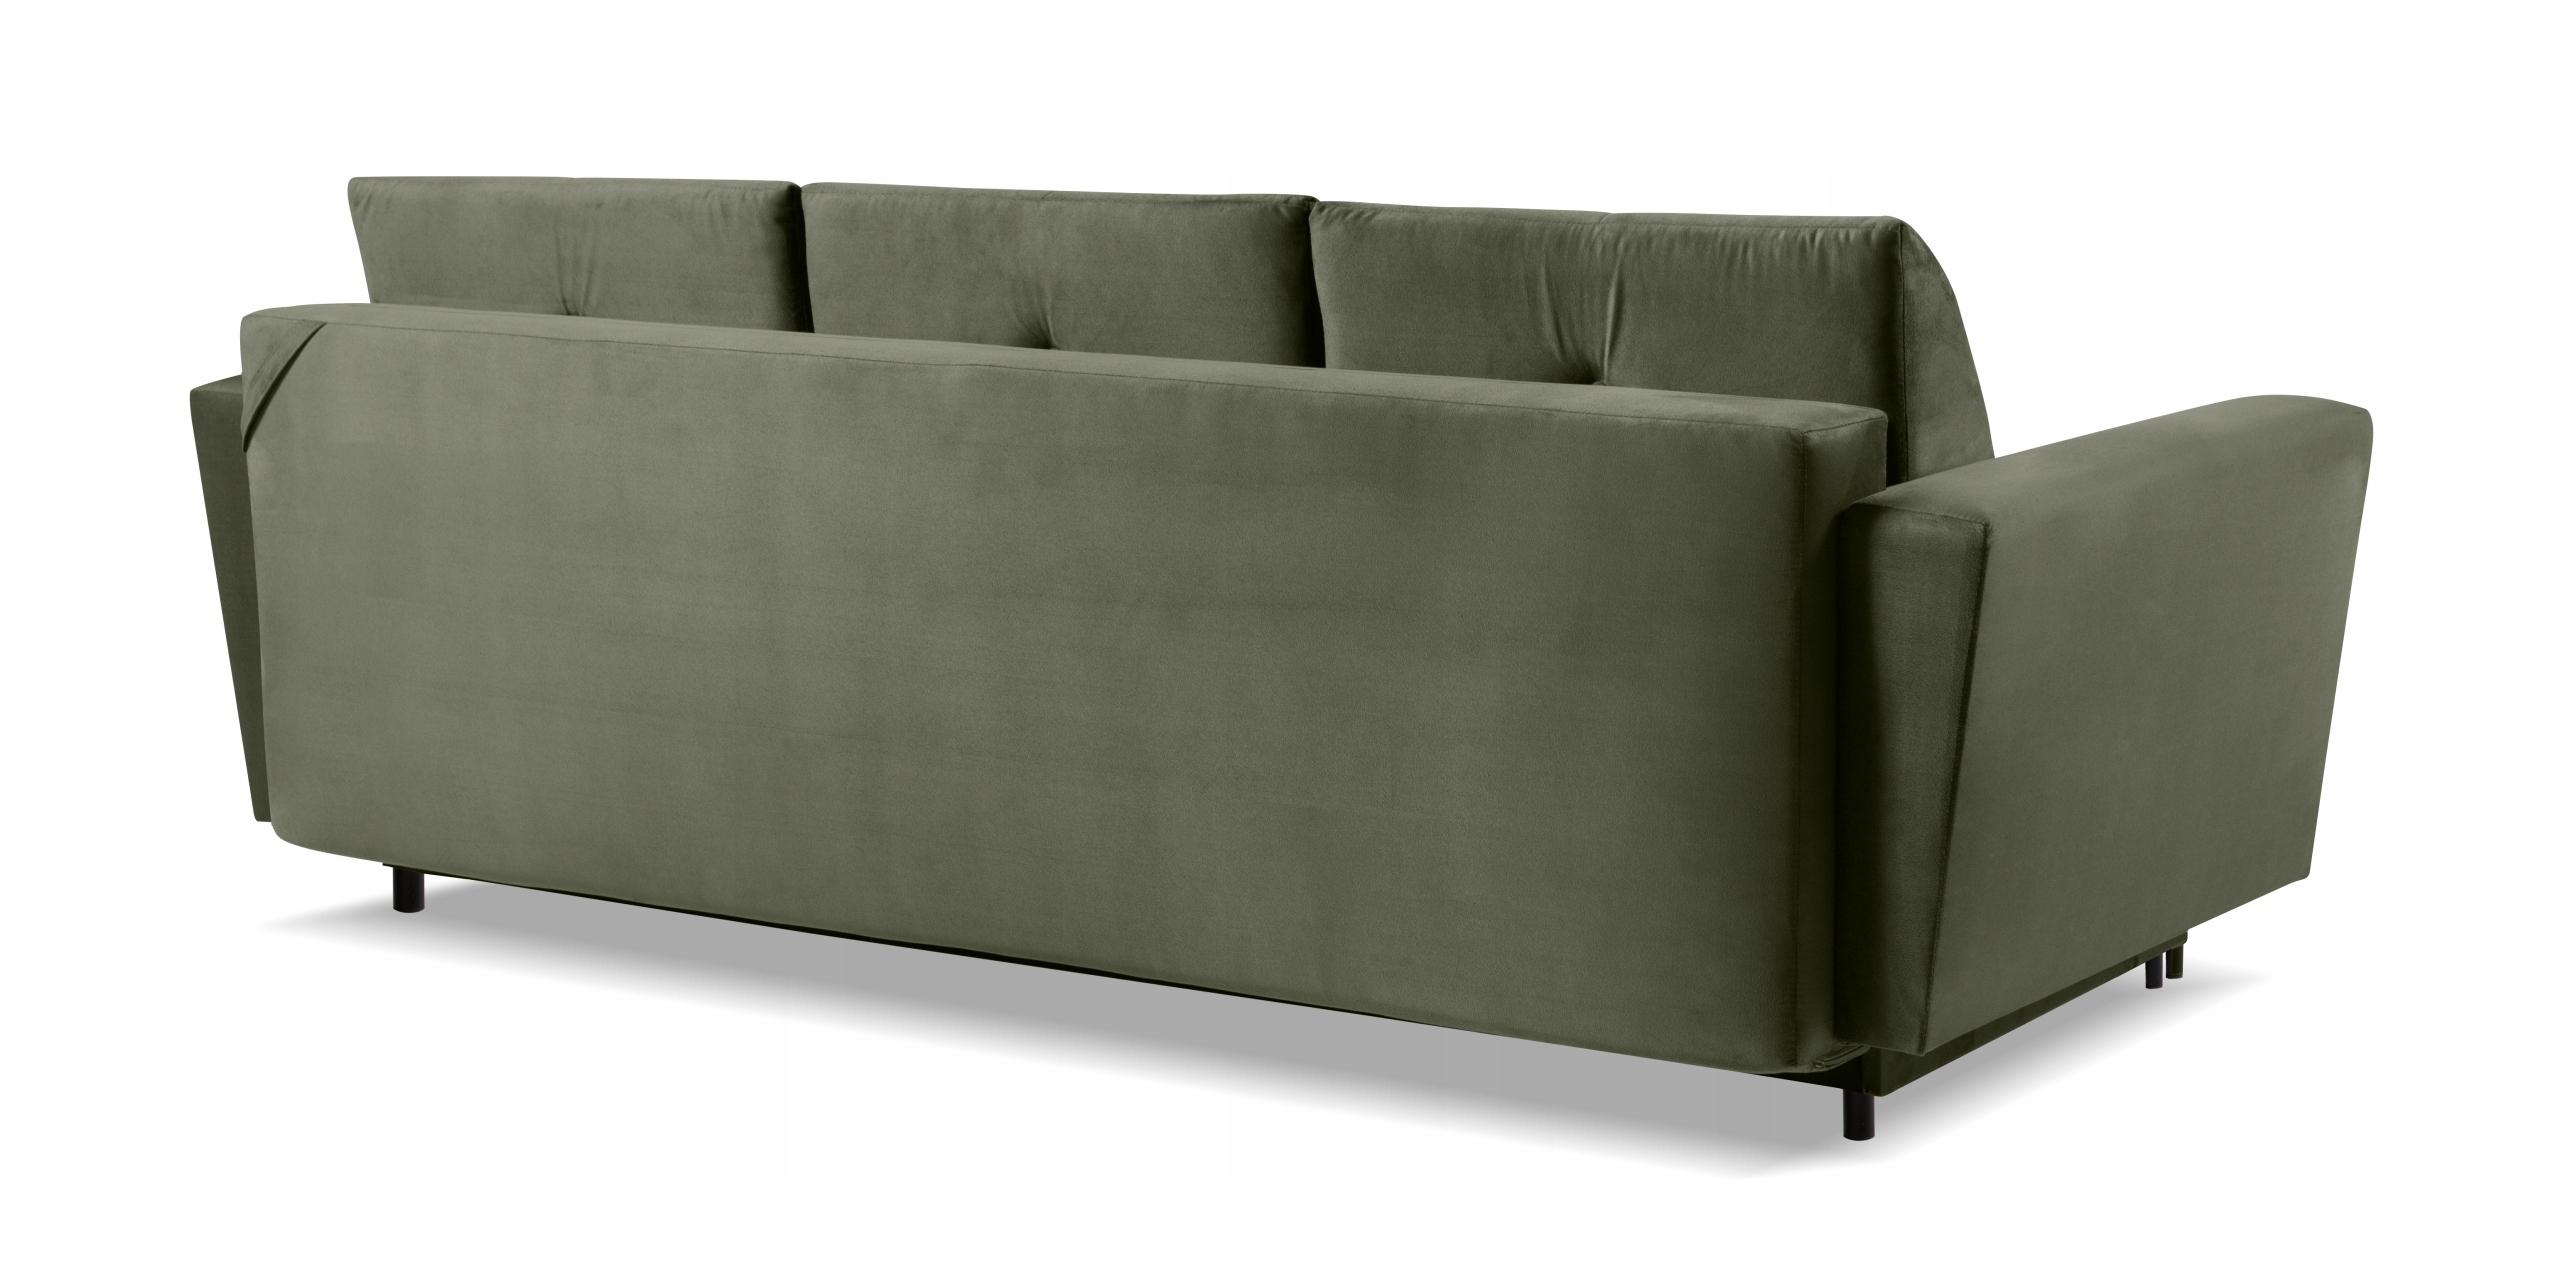 Großes Sofa SARA Klappsofa - Farben Schlafbereich - Länge (cm) 201-210 cm